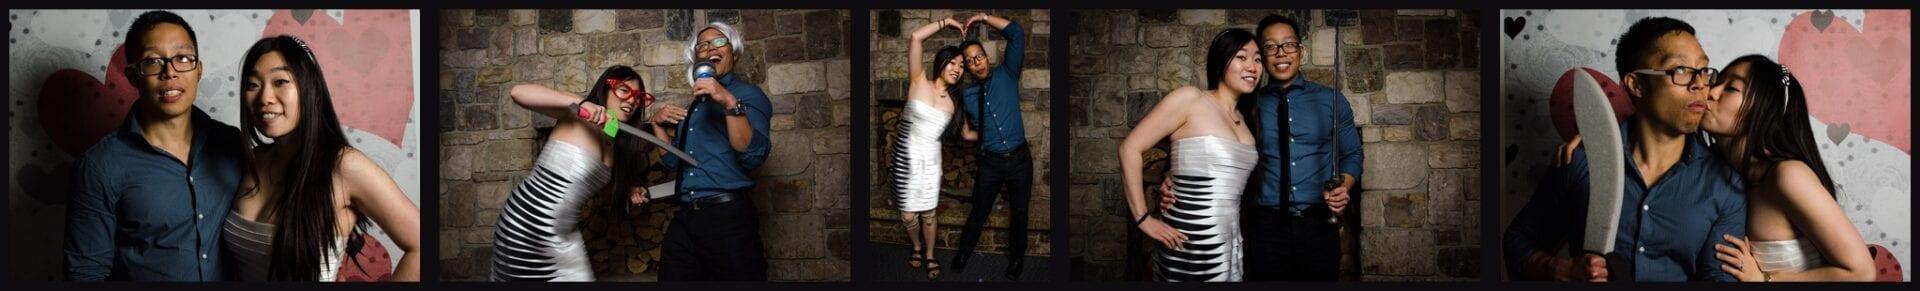 Edmonton-Wedding-photo-booth-Photography-127